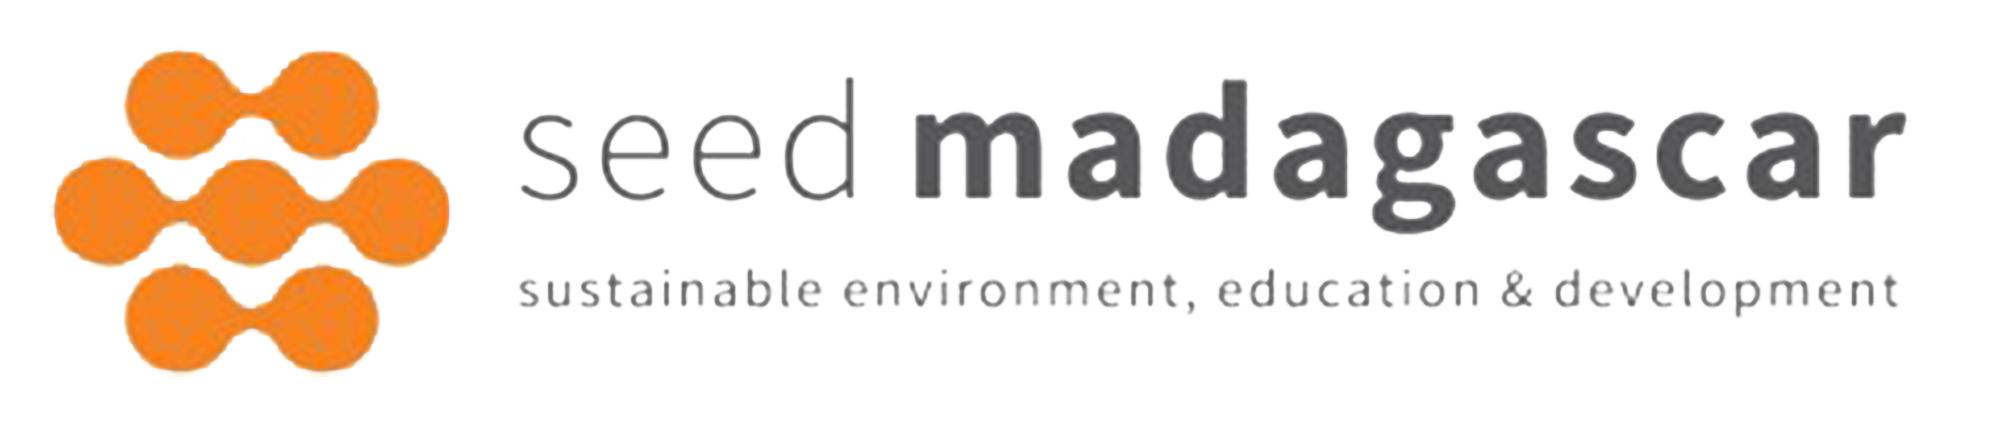 See Madagascar logo transparent